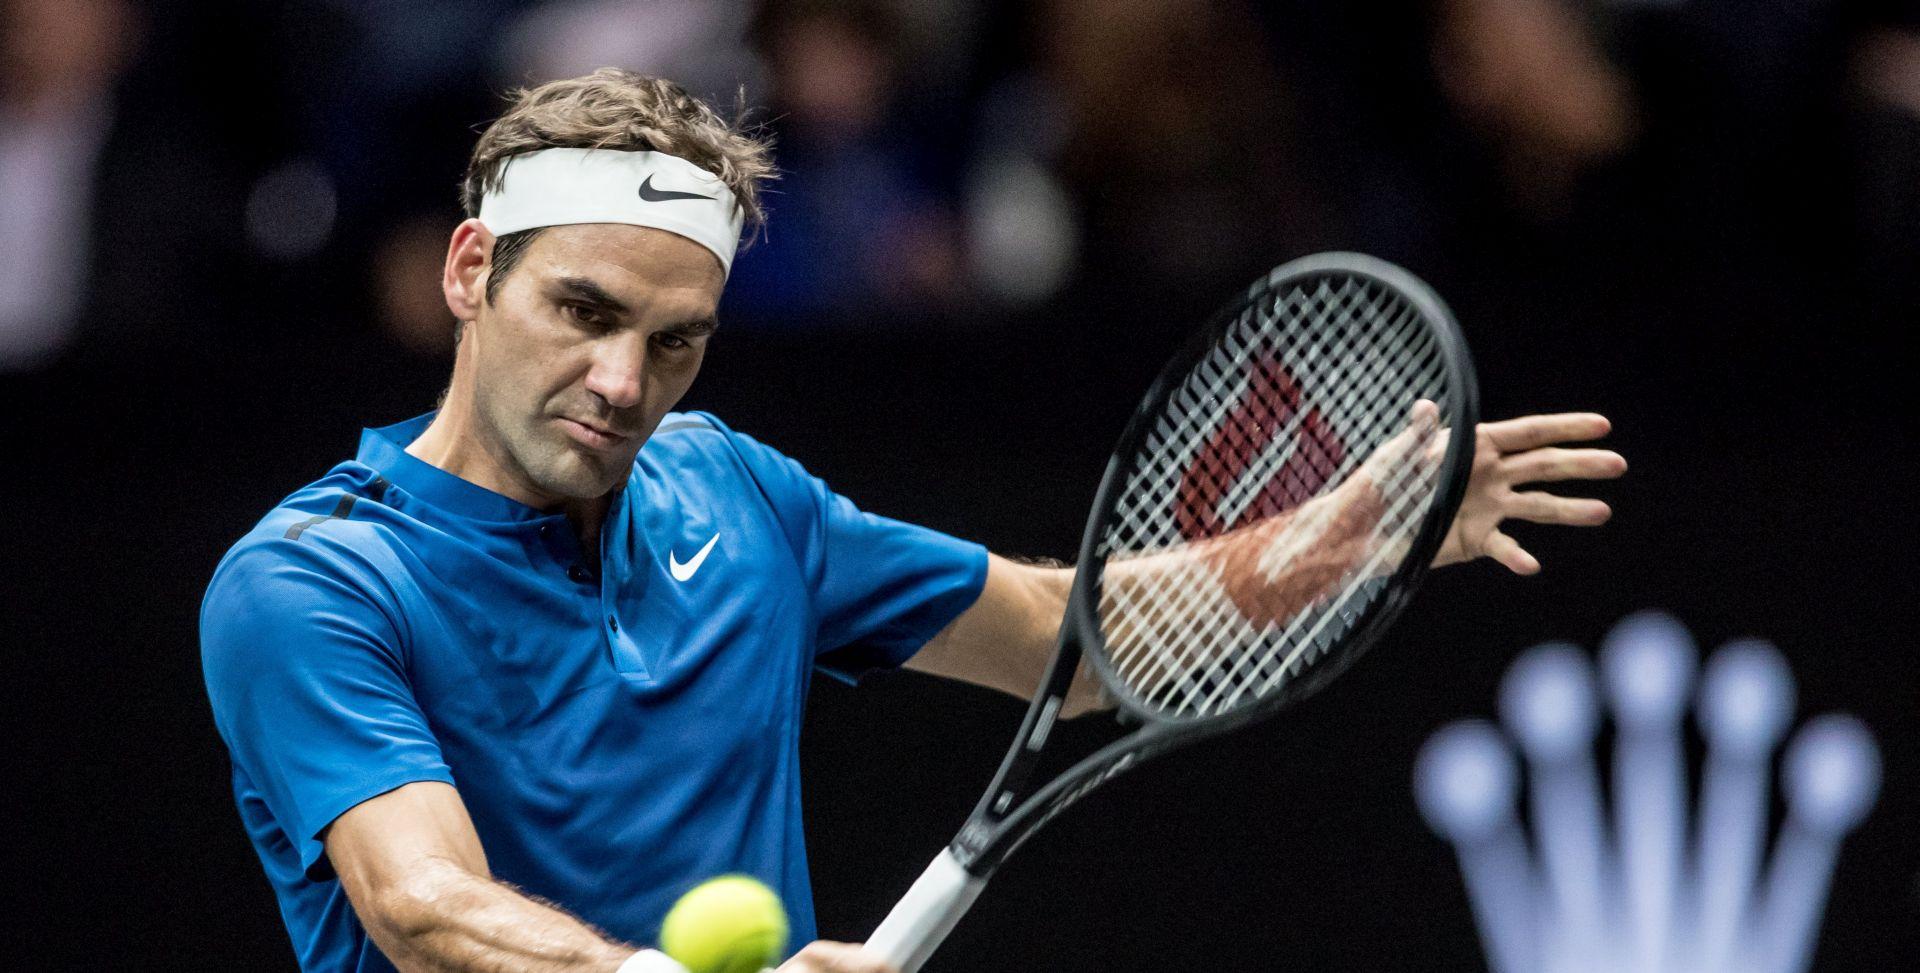 Federer nastupa na turniru u Rotterdamu